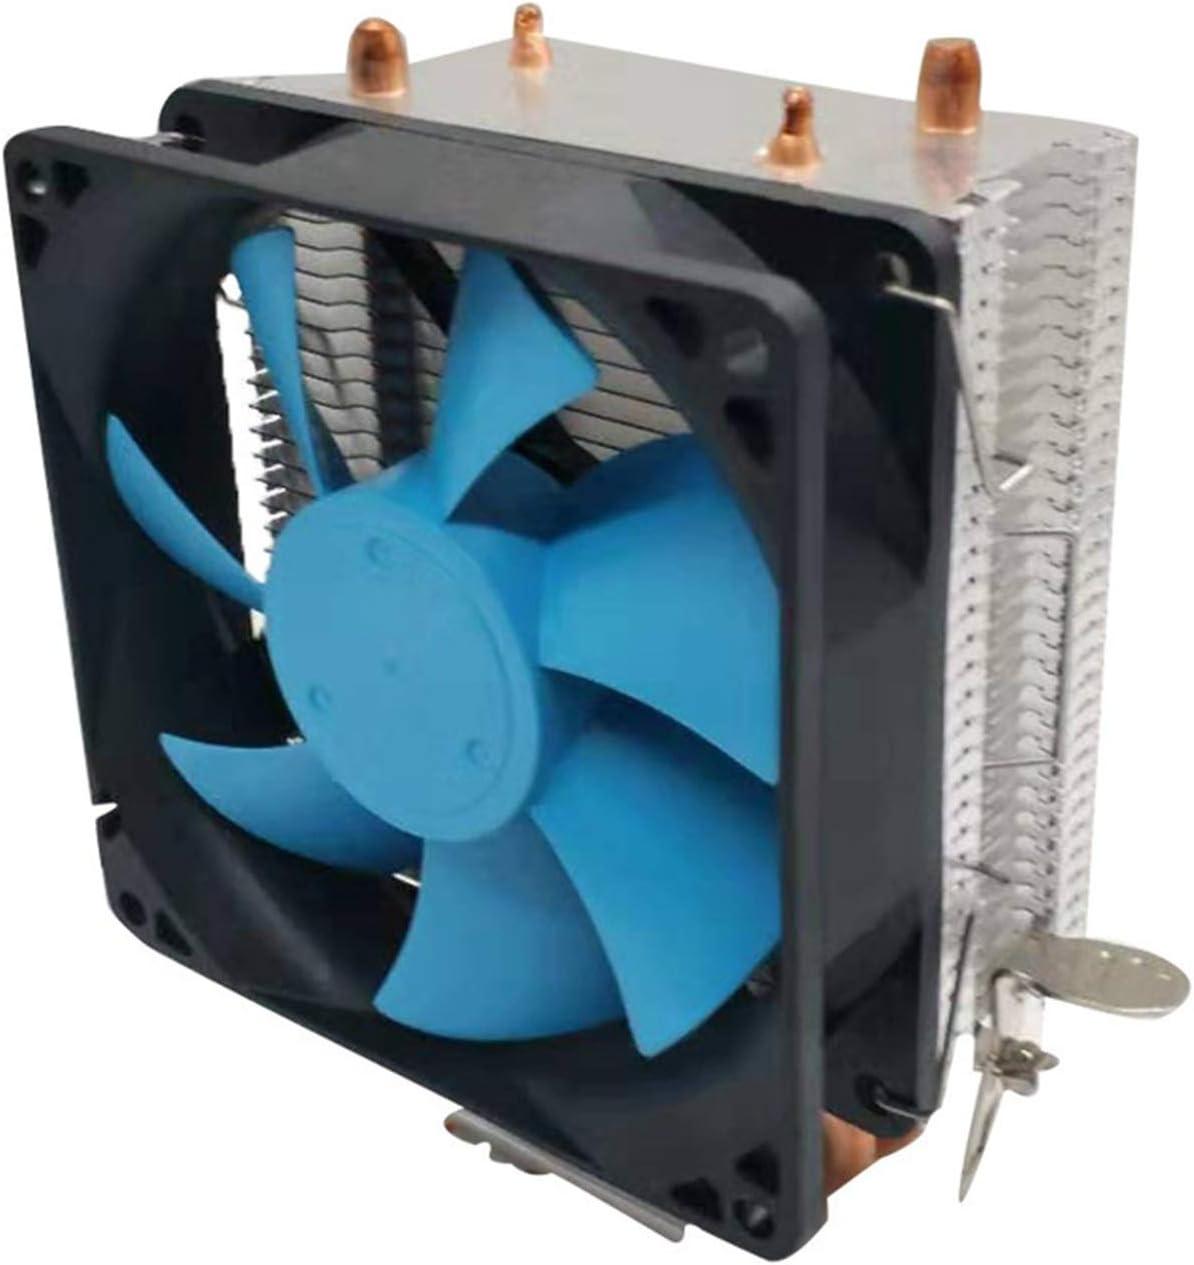 Tranquilo Tubo DE Cobre COMPUTADOR Multi-Plataforma CPU Ventilador De Ventilador Generación Silencioso Universal Tubería De Calor Radiador Fácil de Transportar e Instalar (Color : Ice Peak x90)